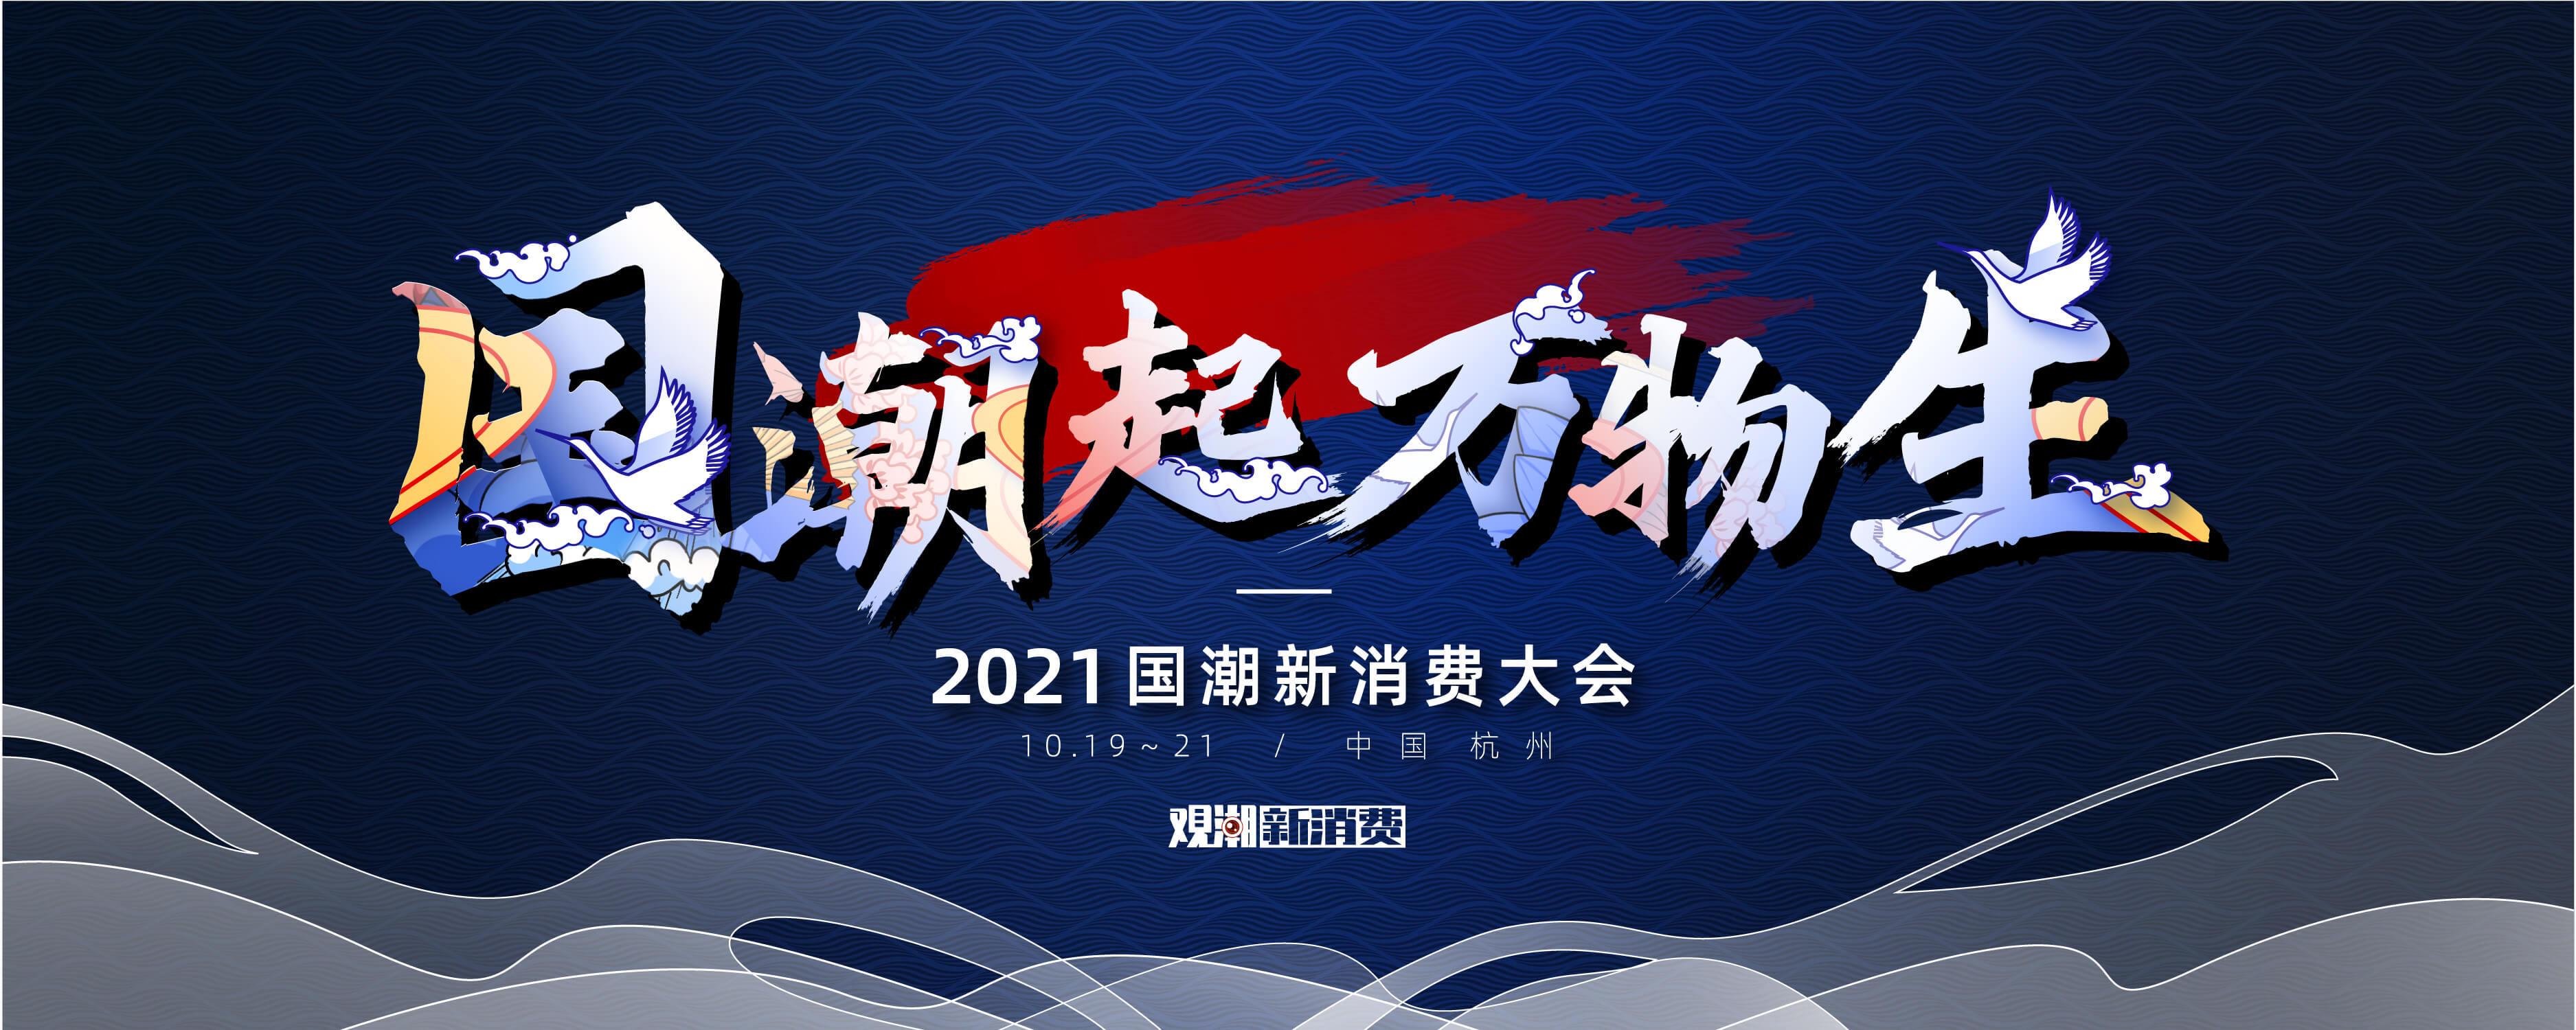 2021国潮新消费大会